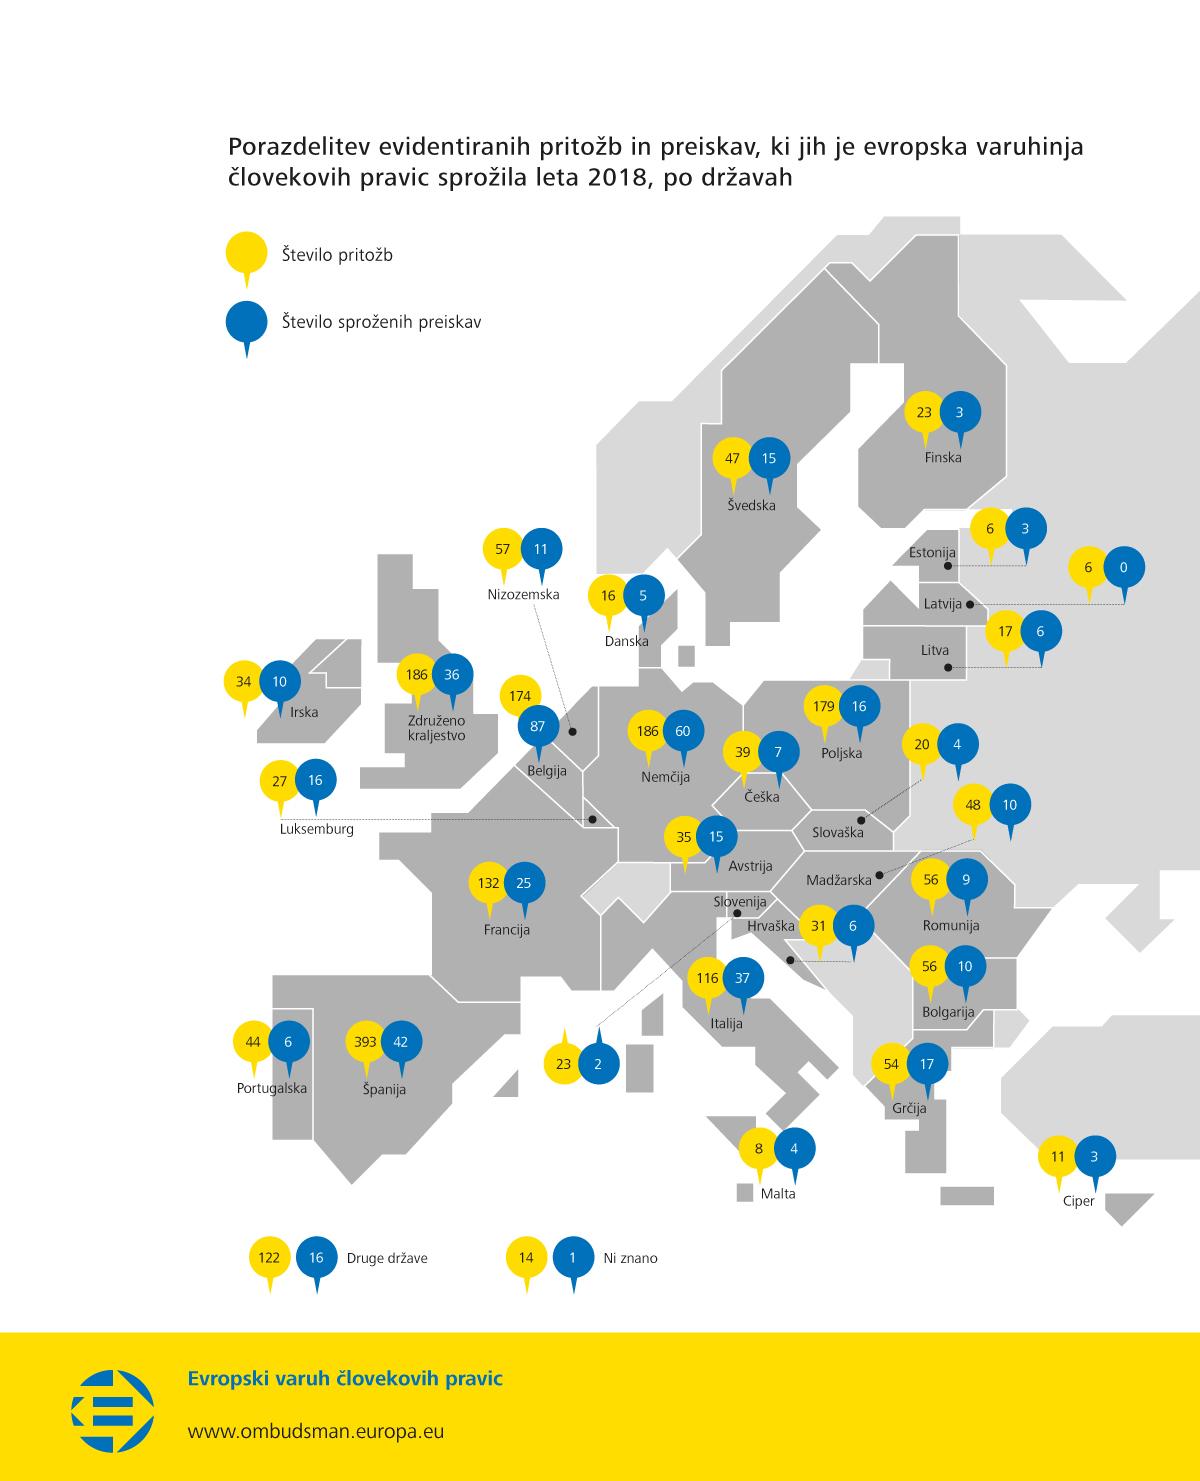 Porazdelitev evidentiranih pritožb in preiskav, ki jih je evropska varuhinja človekovih pravic sprožila leta 2018, po državah